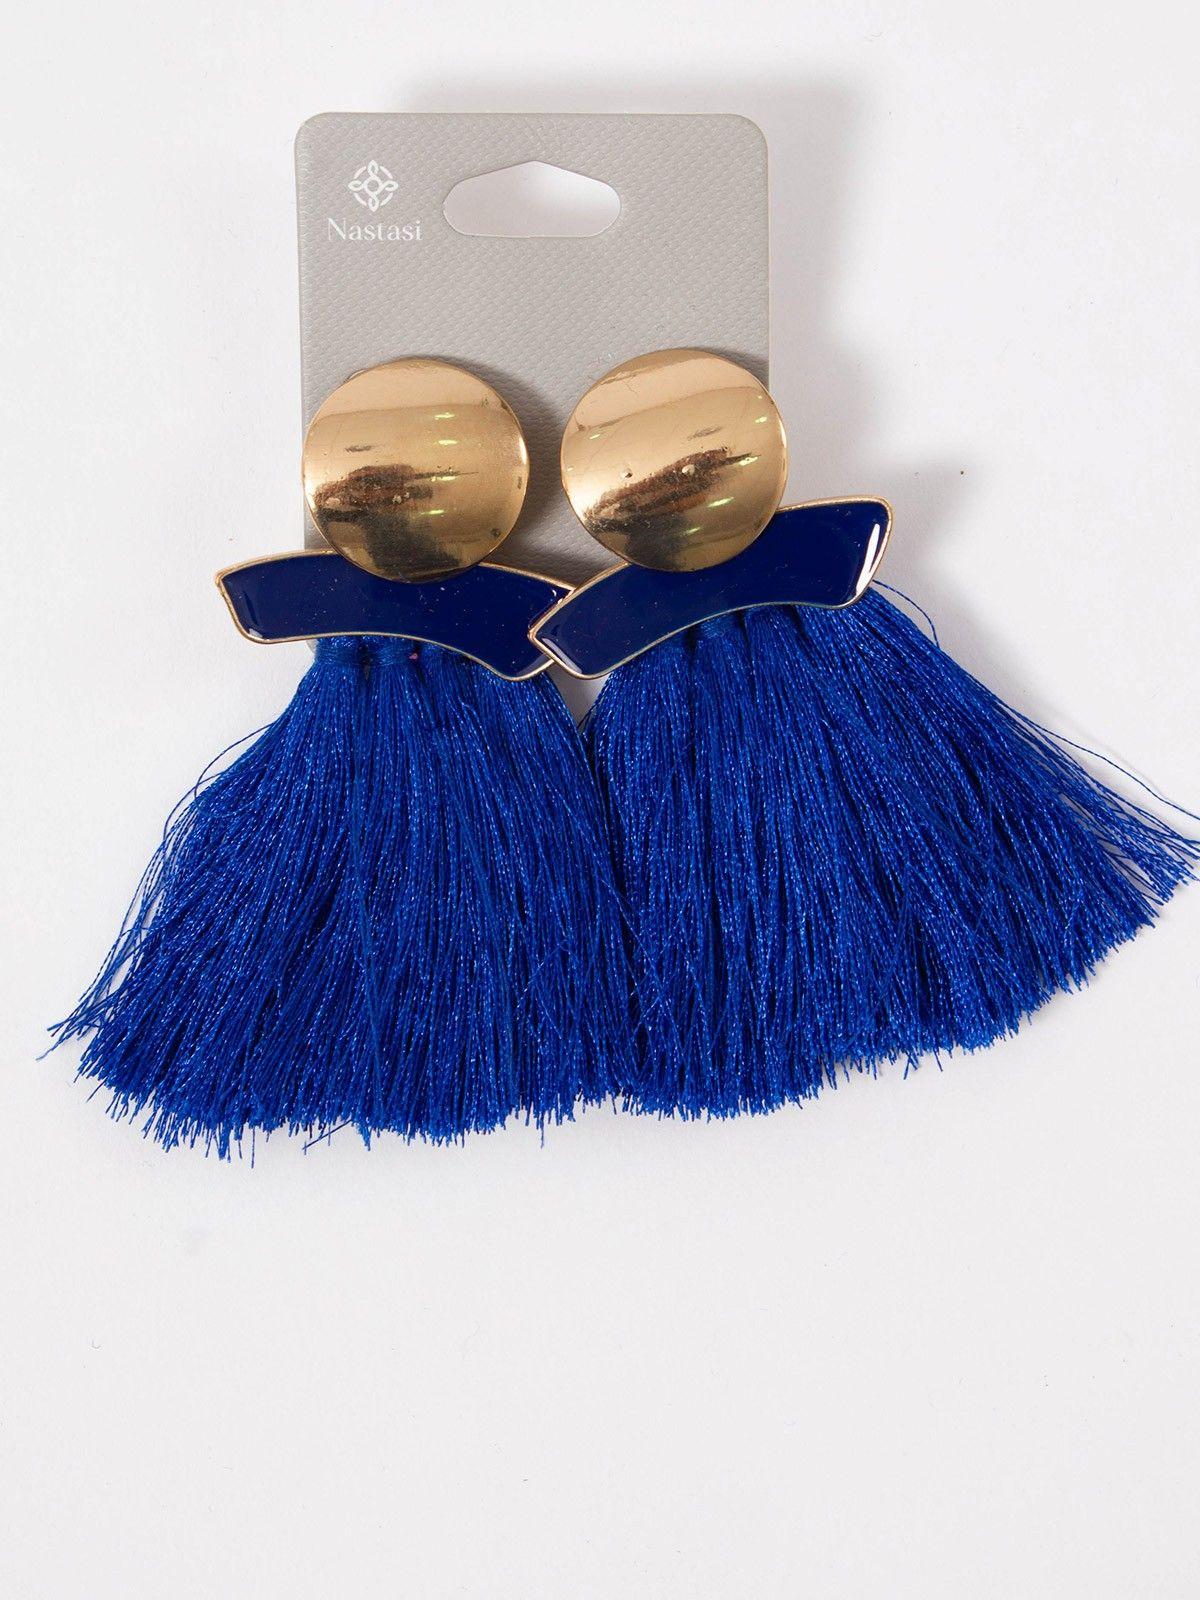 854c92fc4b07 Pendiente Milán - Pendiente Pompon Azul klein y detalle dorado. Cierre a  presión - Pendientes